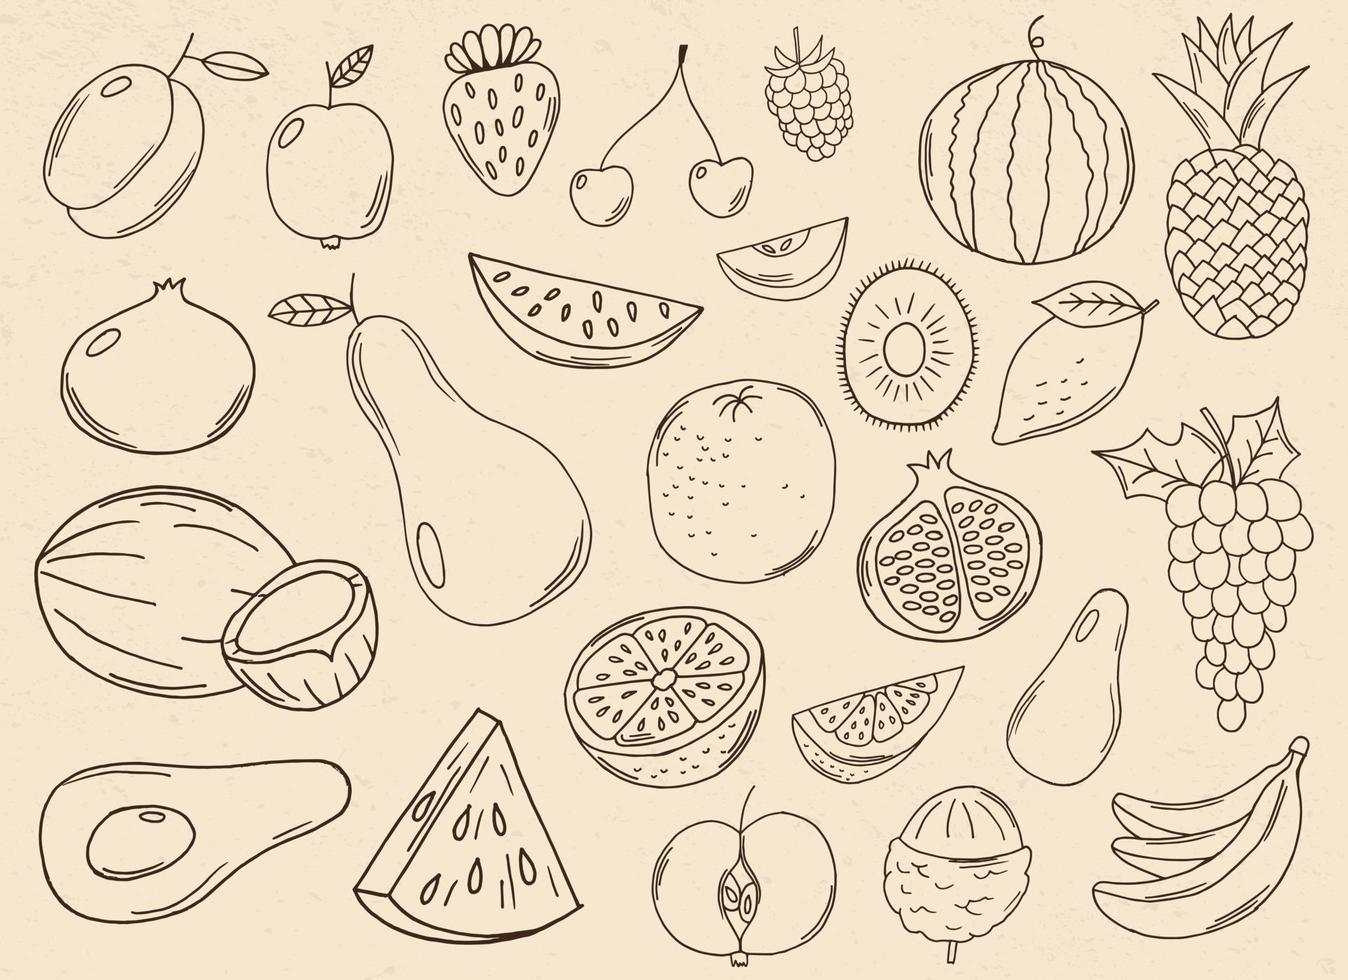 handritad frukt samling vektor design illustration isolerad på bakgrunden